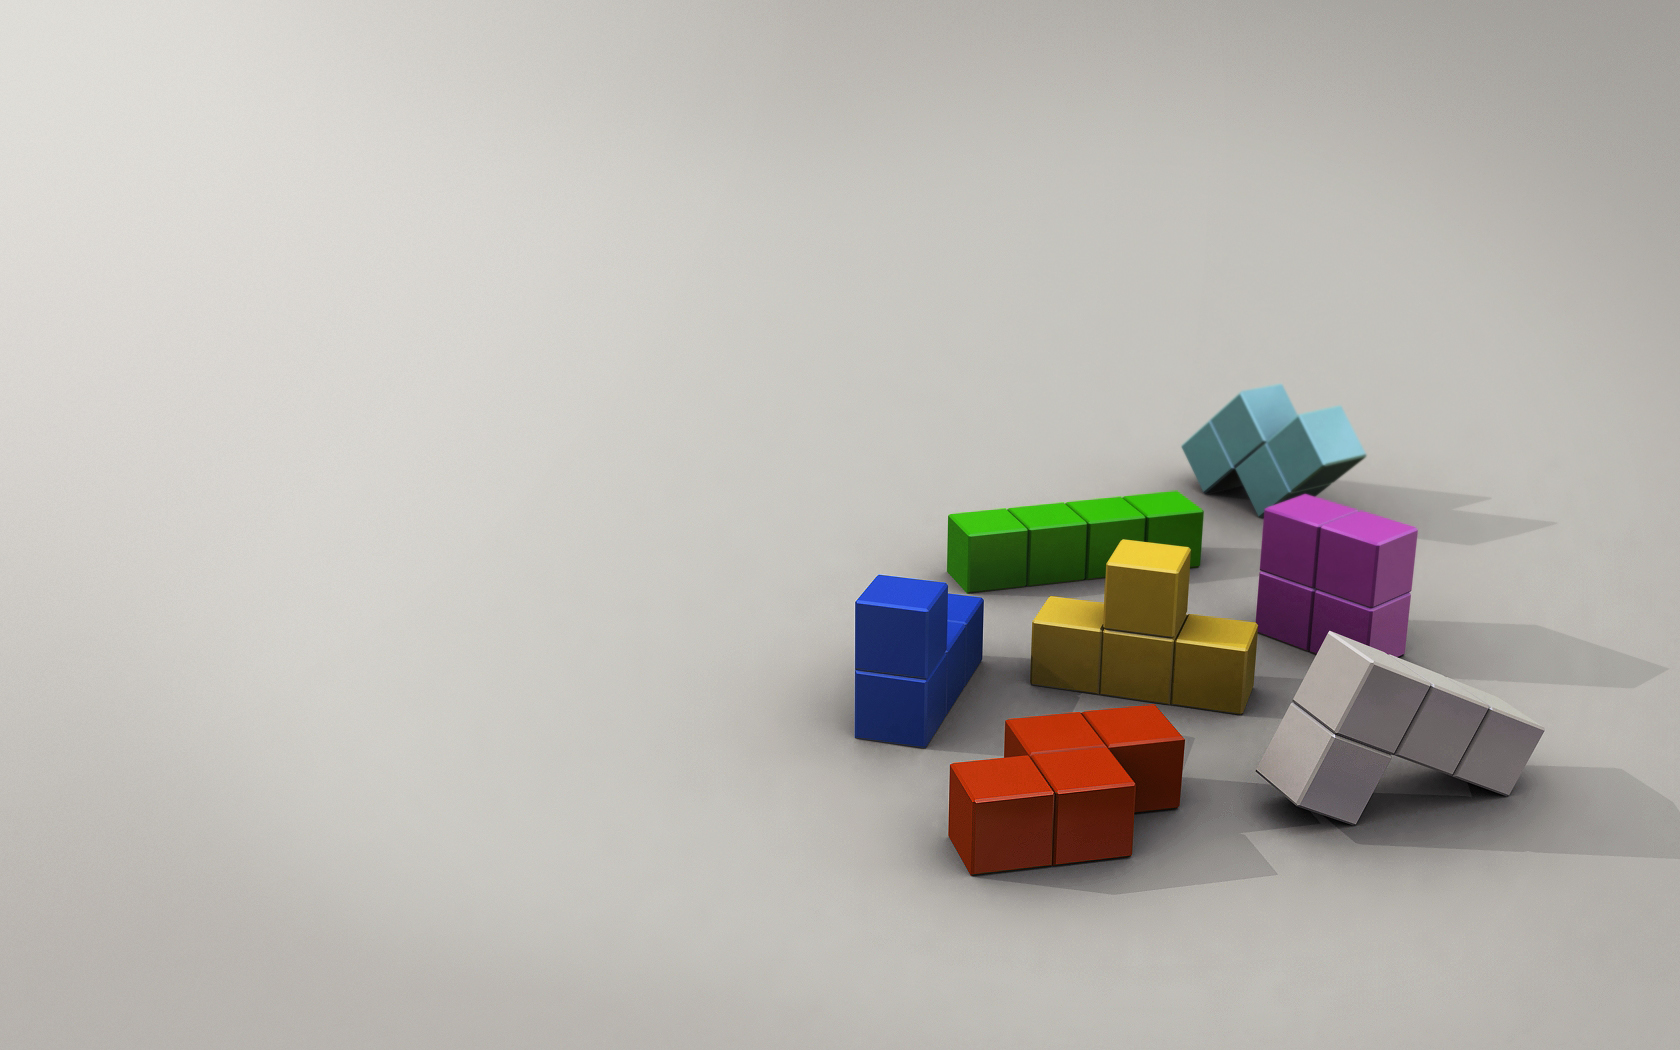 Tetris Wallpaper 1920×1080 – Dota 2 and E-Sports Geeks Dota 2 and ...